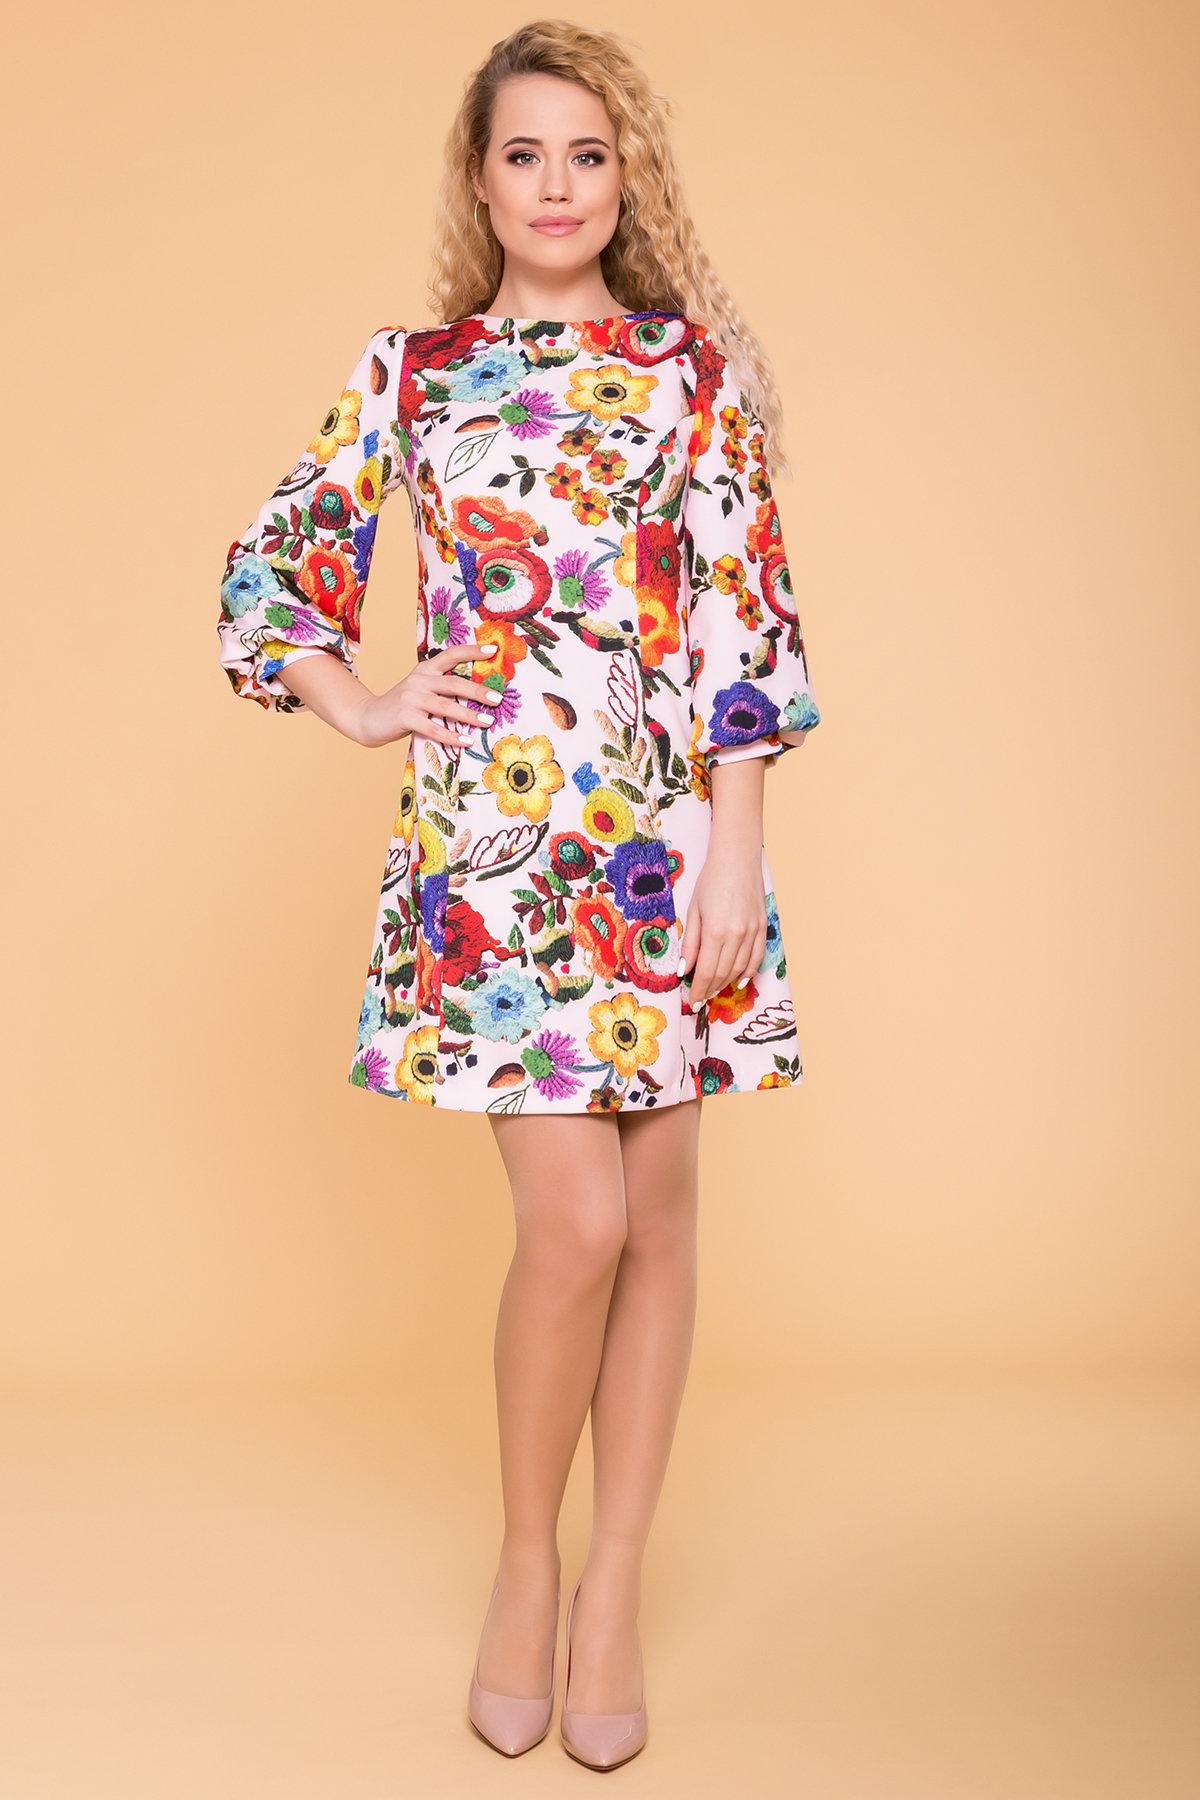 Купить платье в Харькове Платье Клеопатра 6662